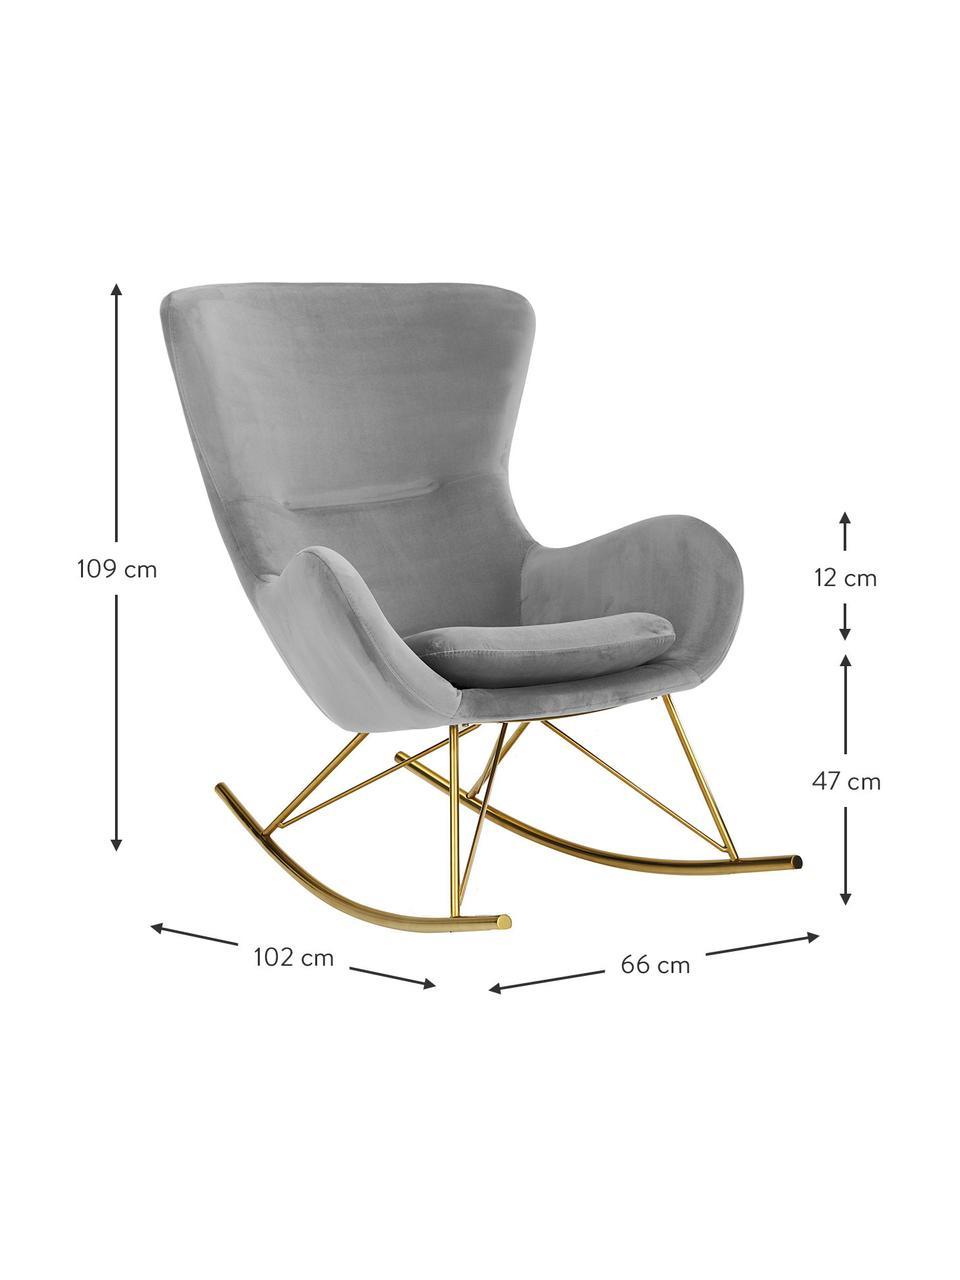 Sedia a dondolo in velluto grigio Wing, Rivestimento: velluto (poliestere) Con , Struttura: metallo zincato, Velluto grigio, dorato, Larg. 66 x Prof. 102 cm